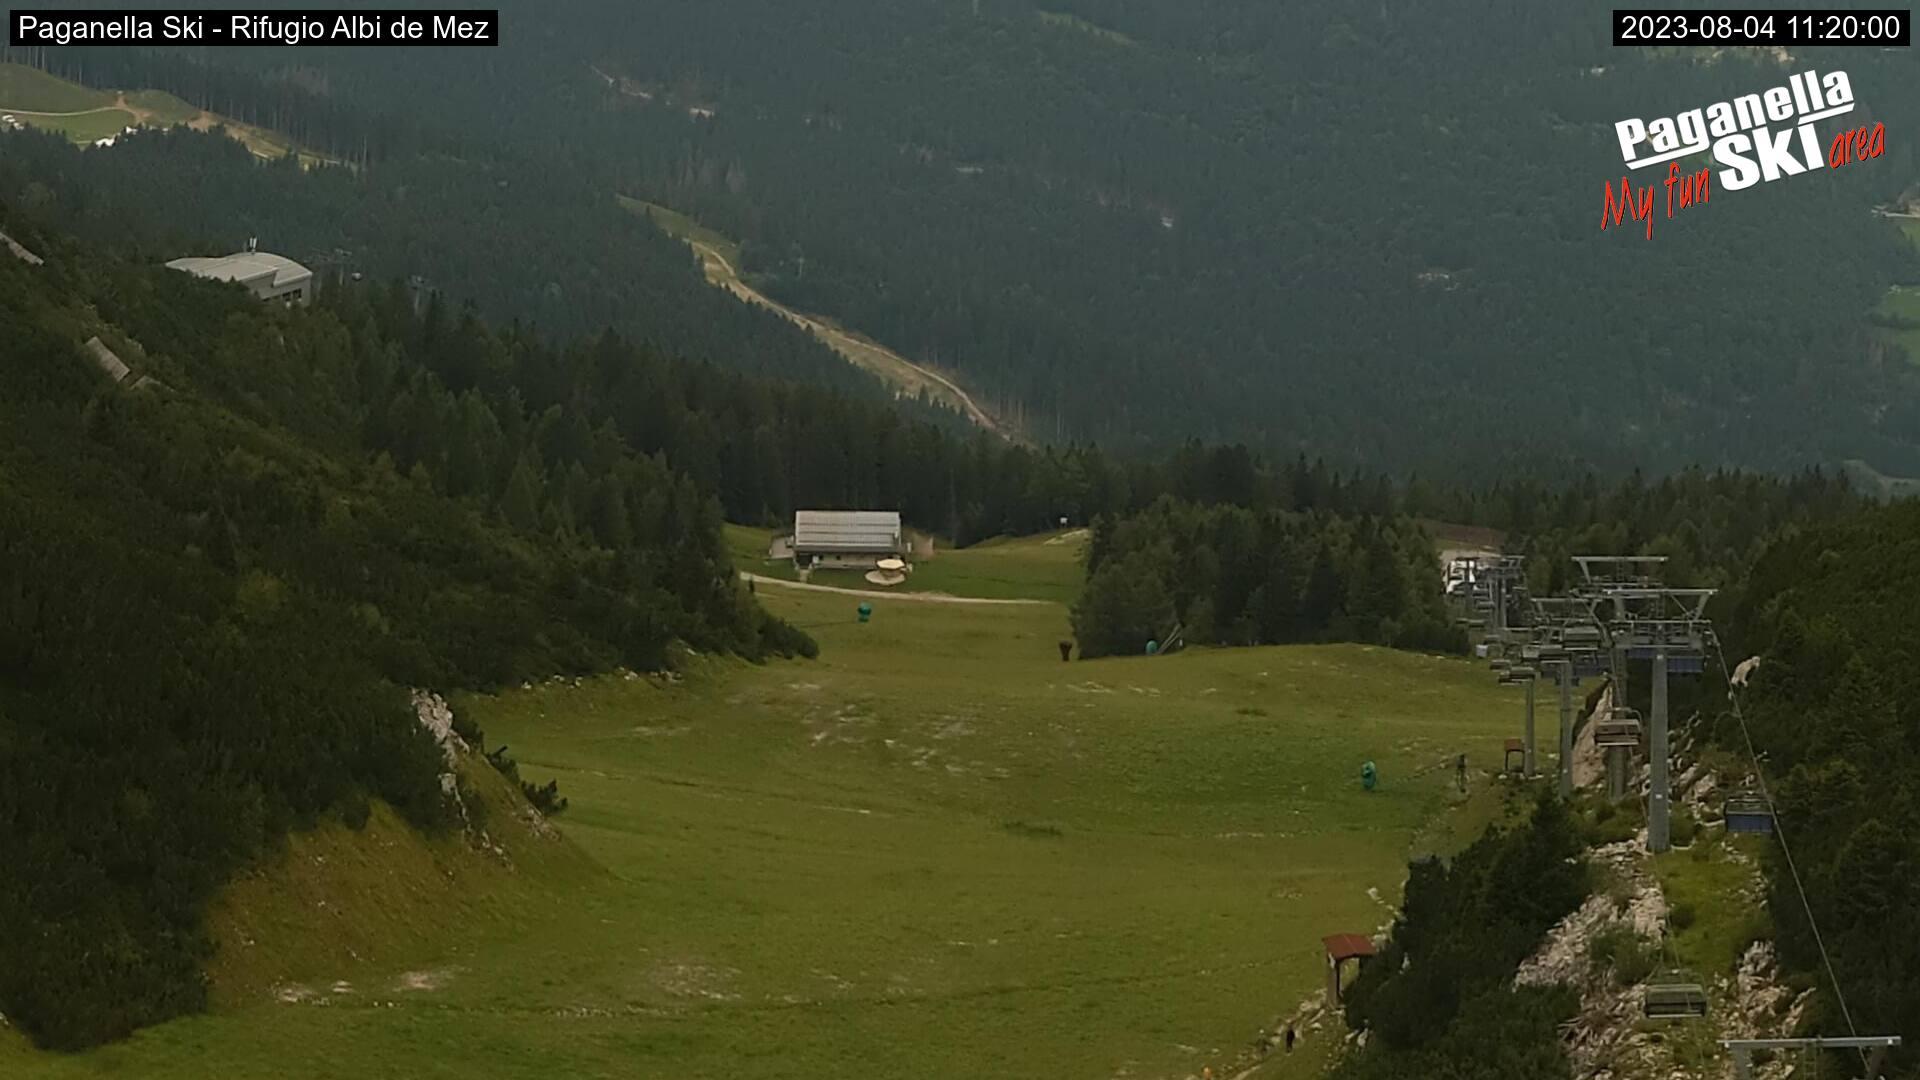 Paganella webcam - Snowpark - Station Pian del Dosson